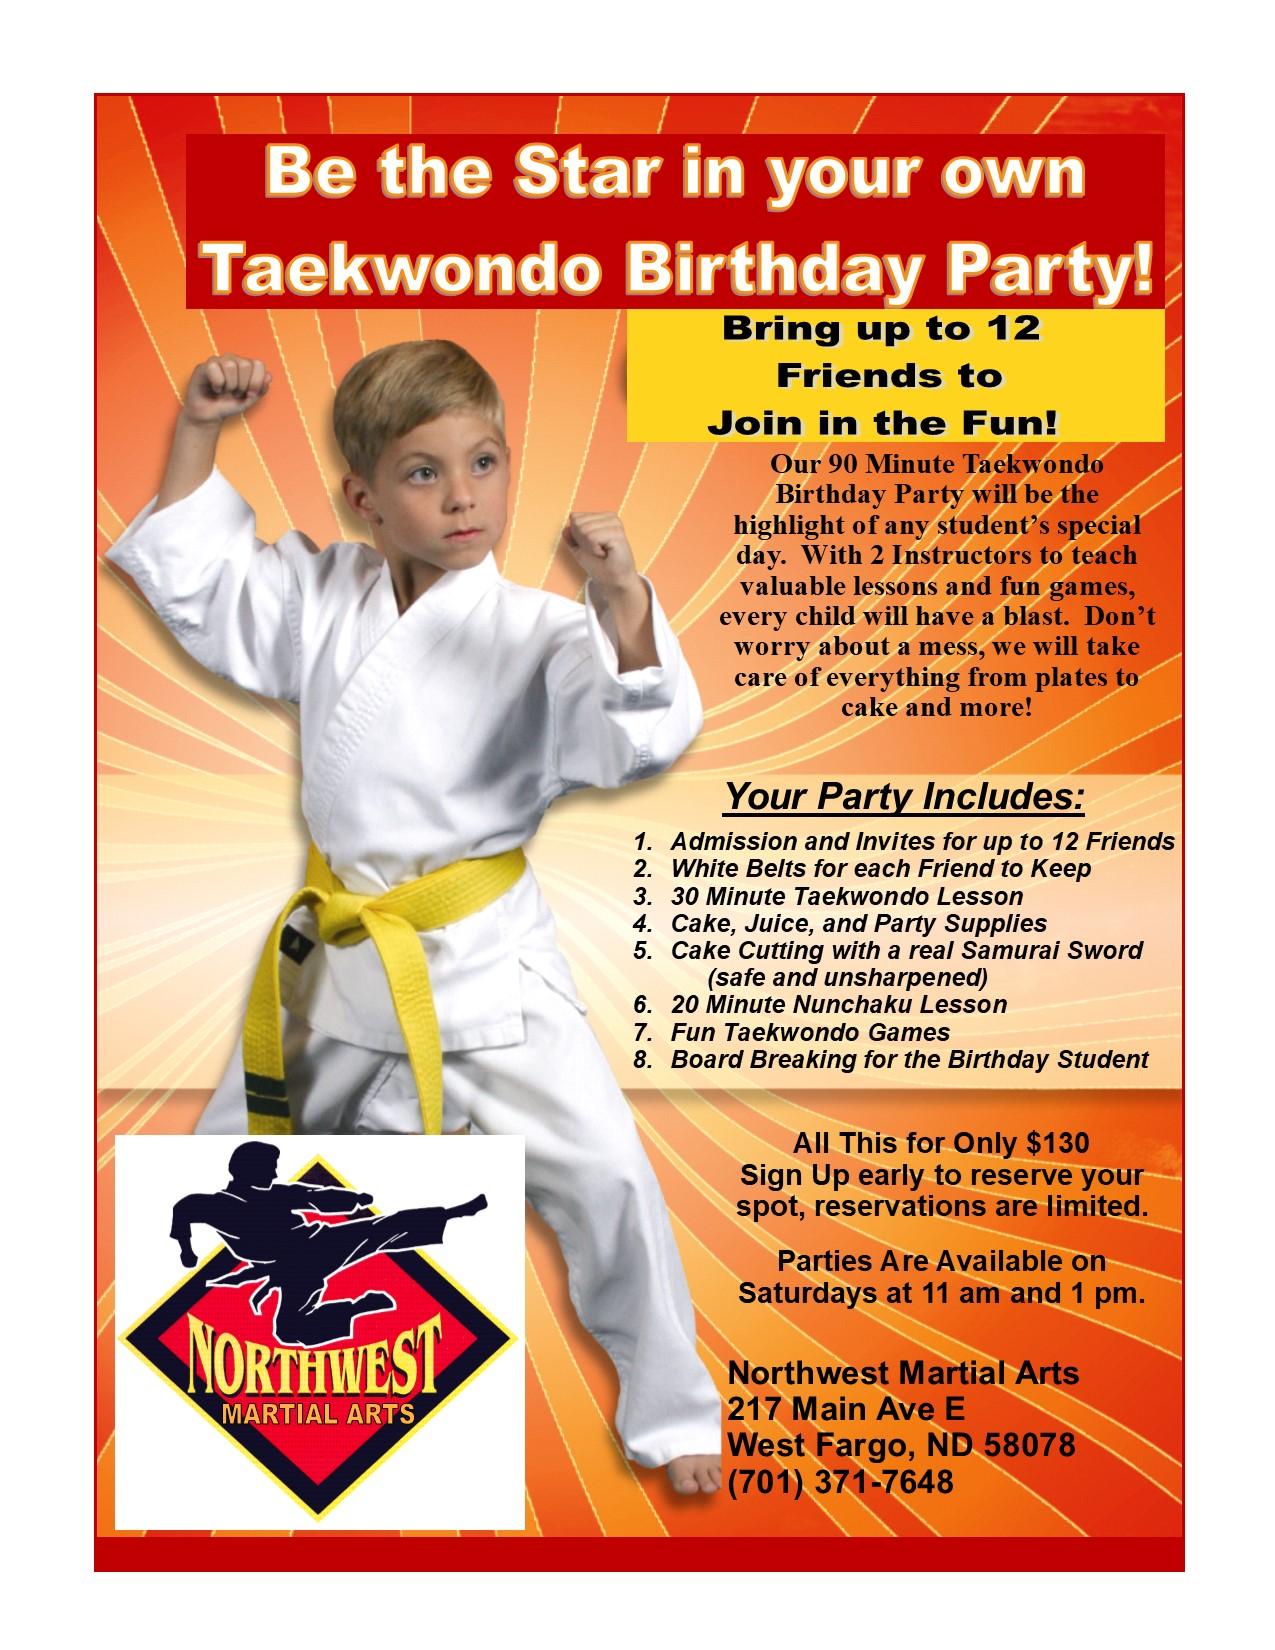 northwest martial arts west